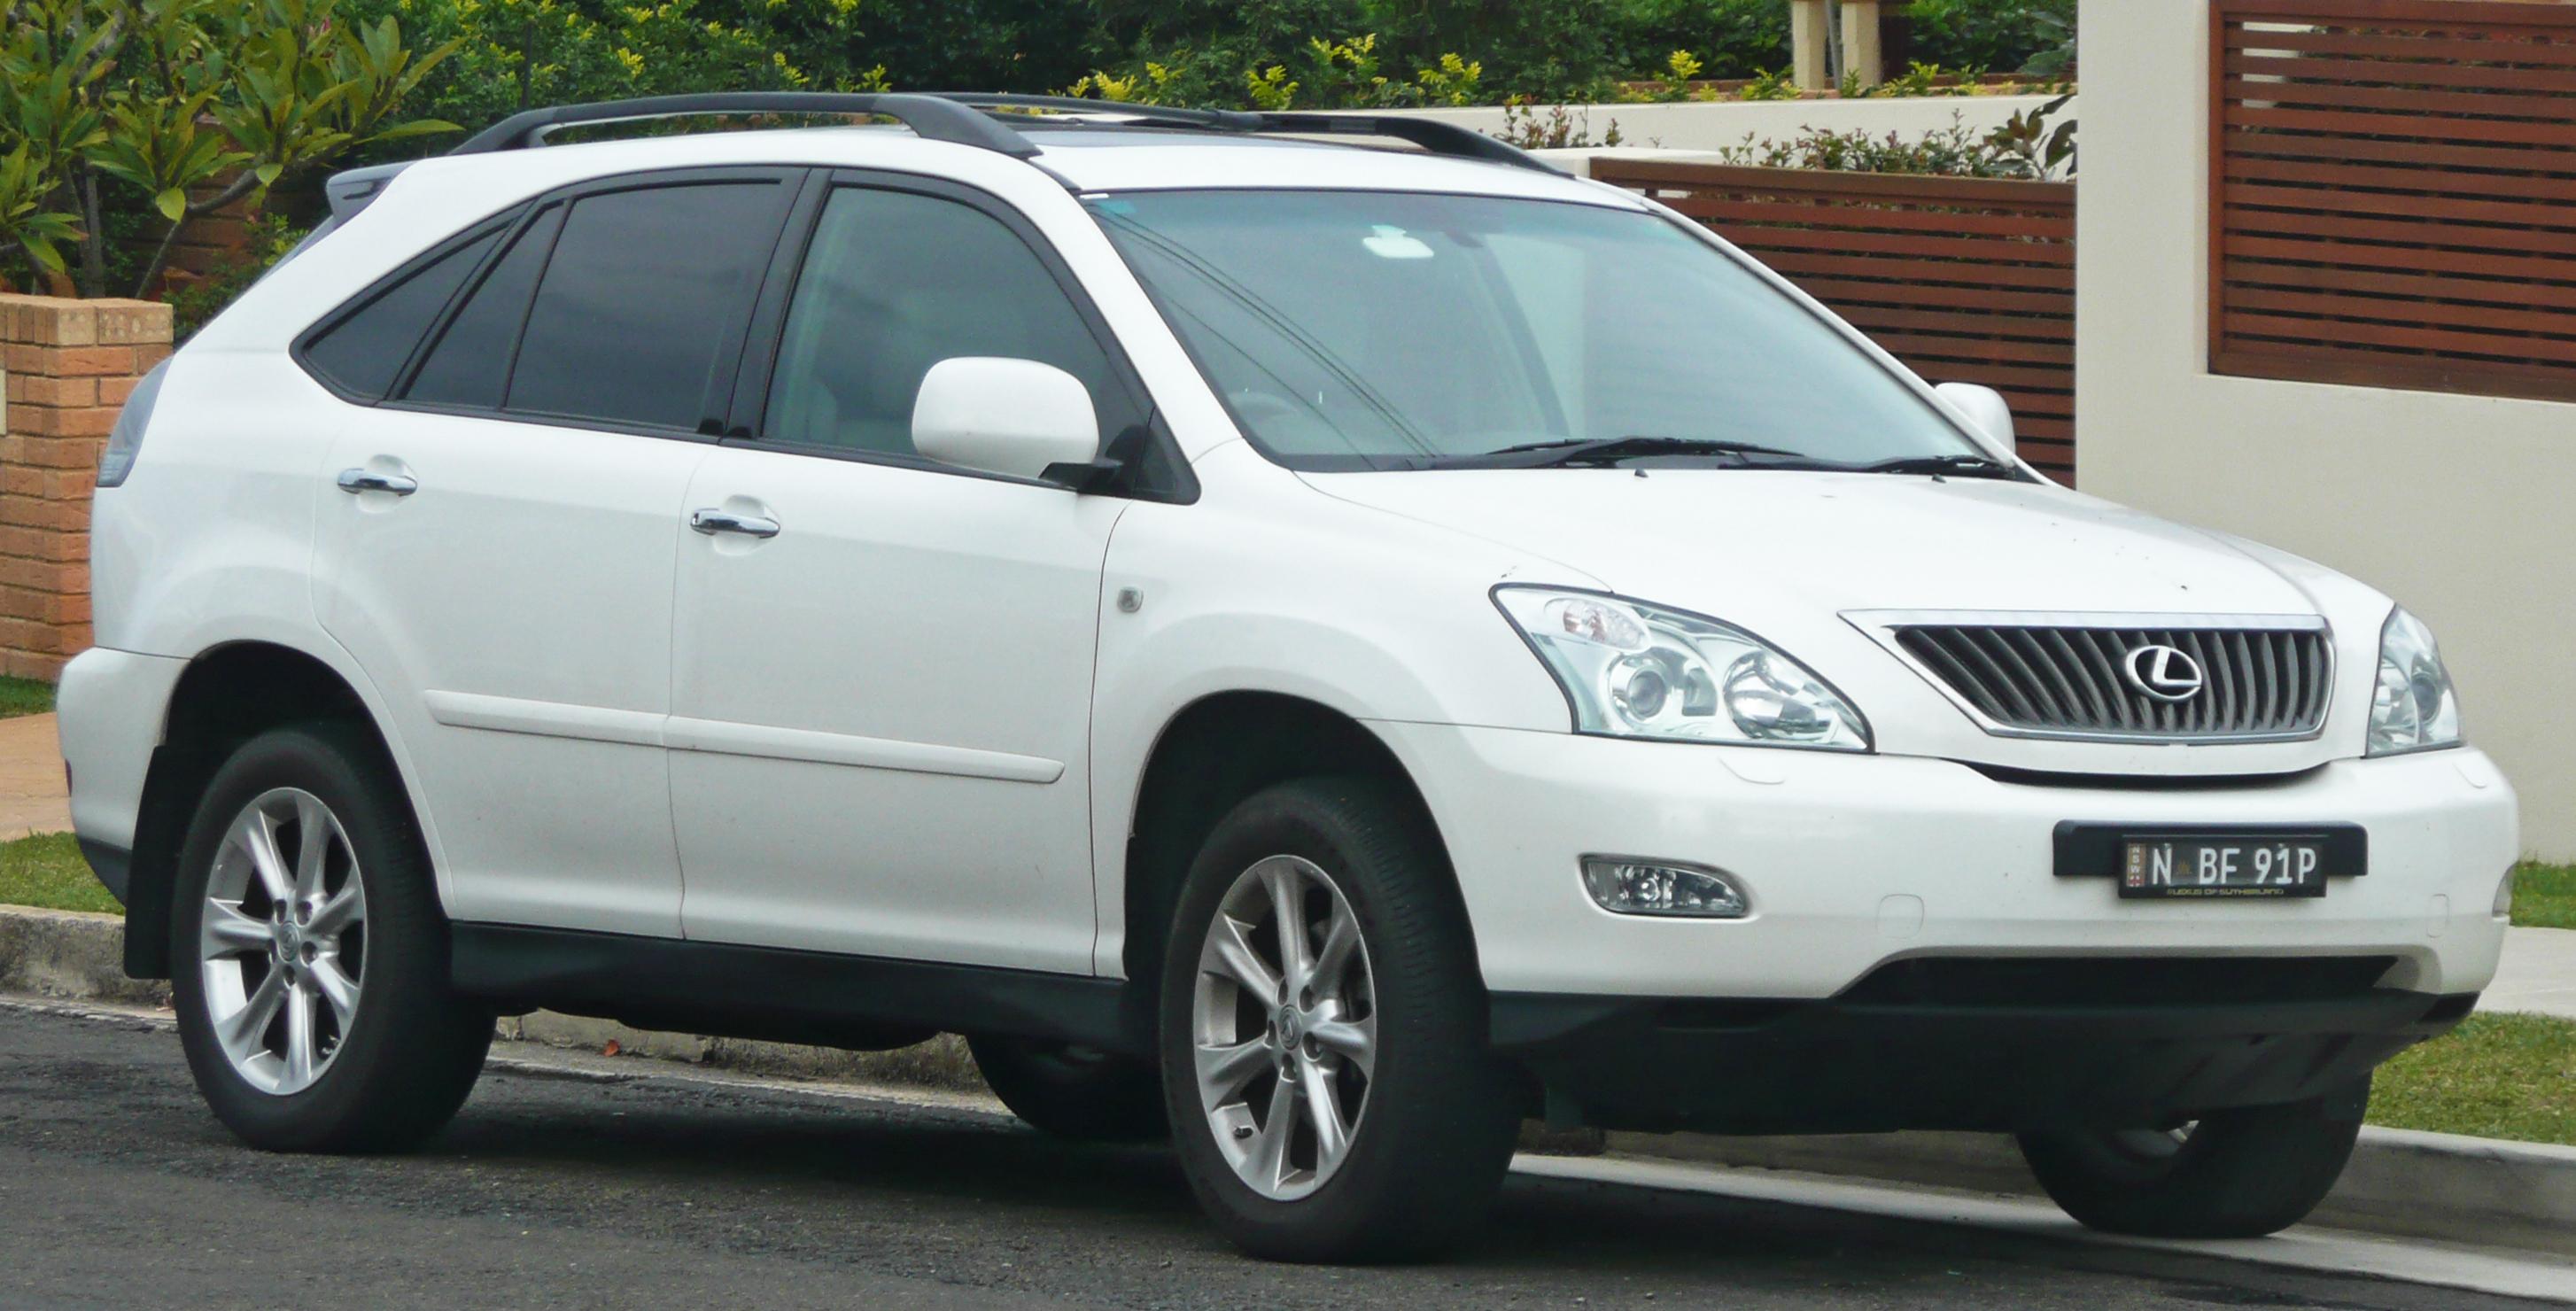 File:2007 2008 Lexus RX 350 (GSU35R) Sports Luxury Wagon 02.